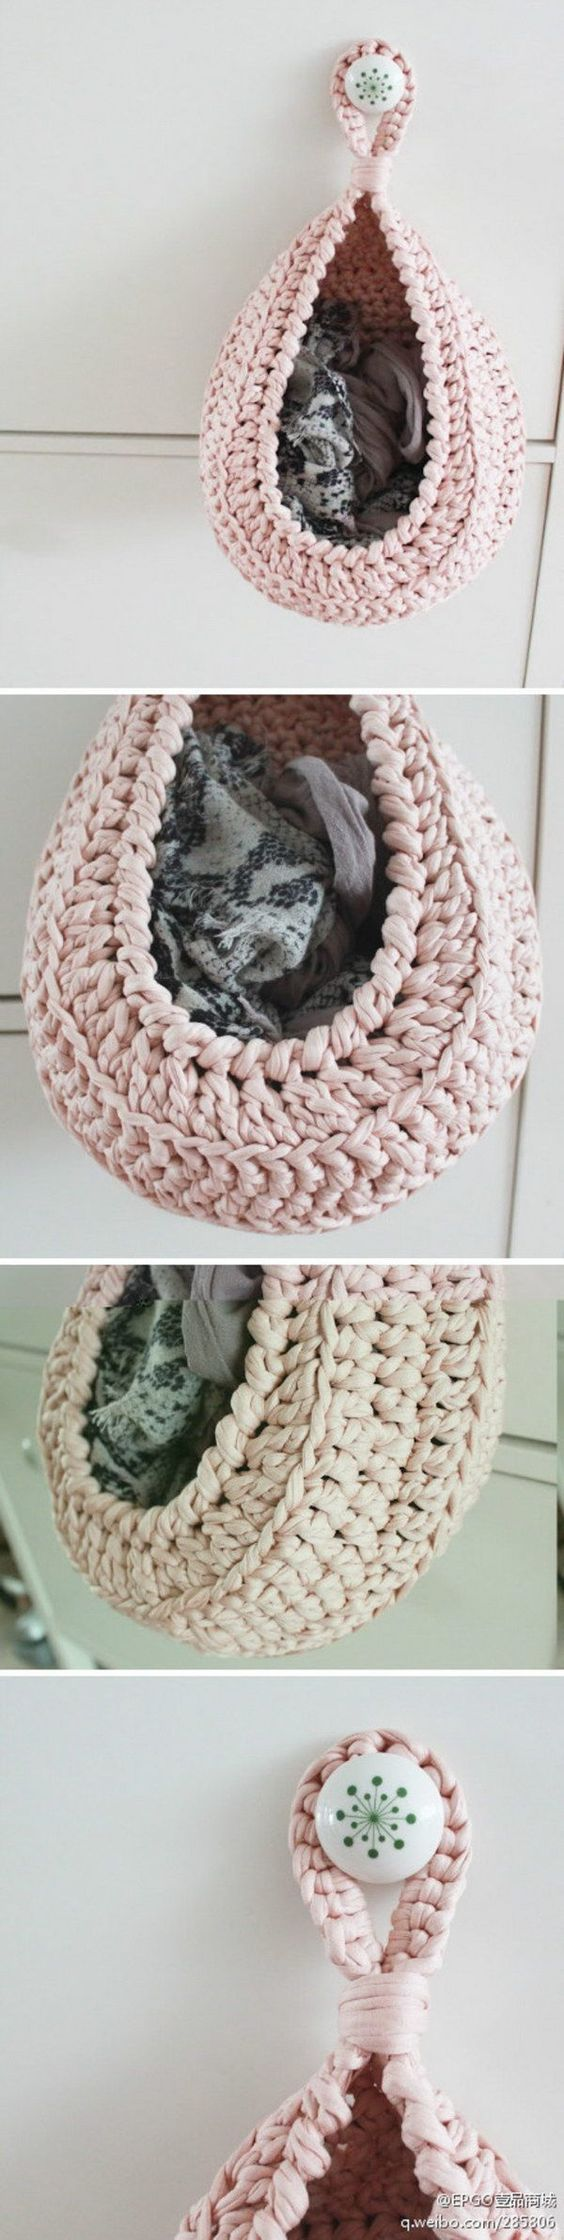 Best 25 Crochet Towel Holders Ideas On Pinterest